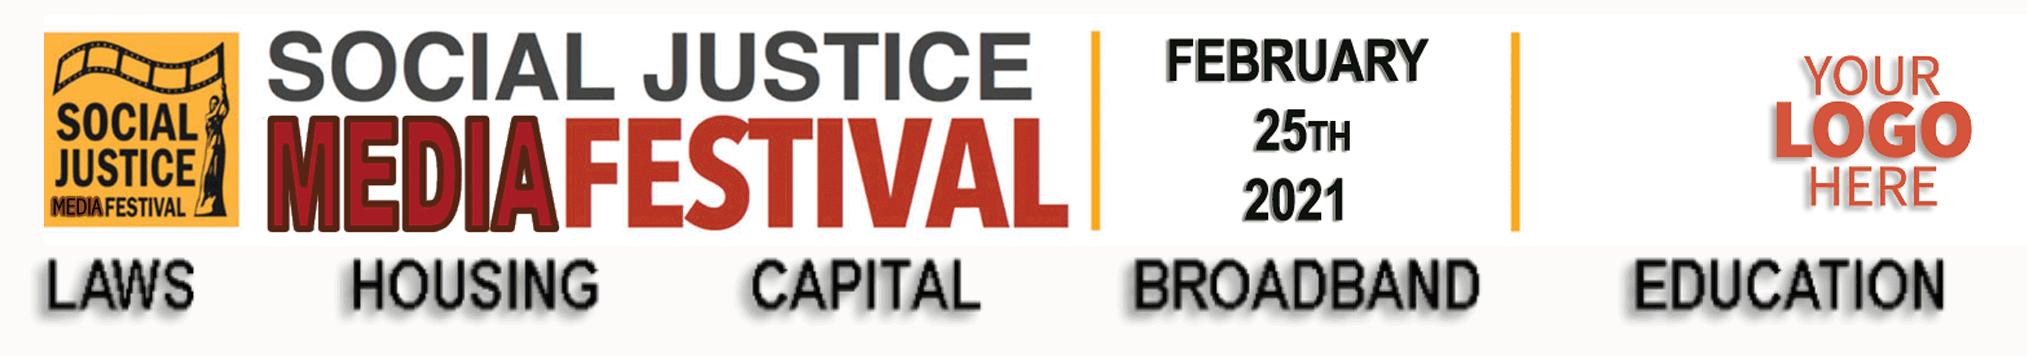 Social Justice Media Festival